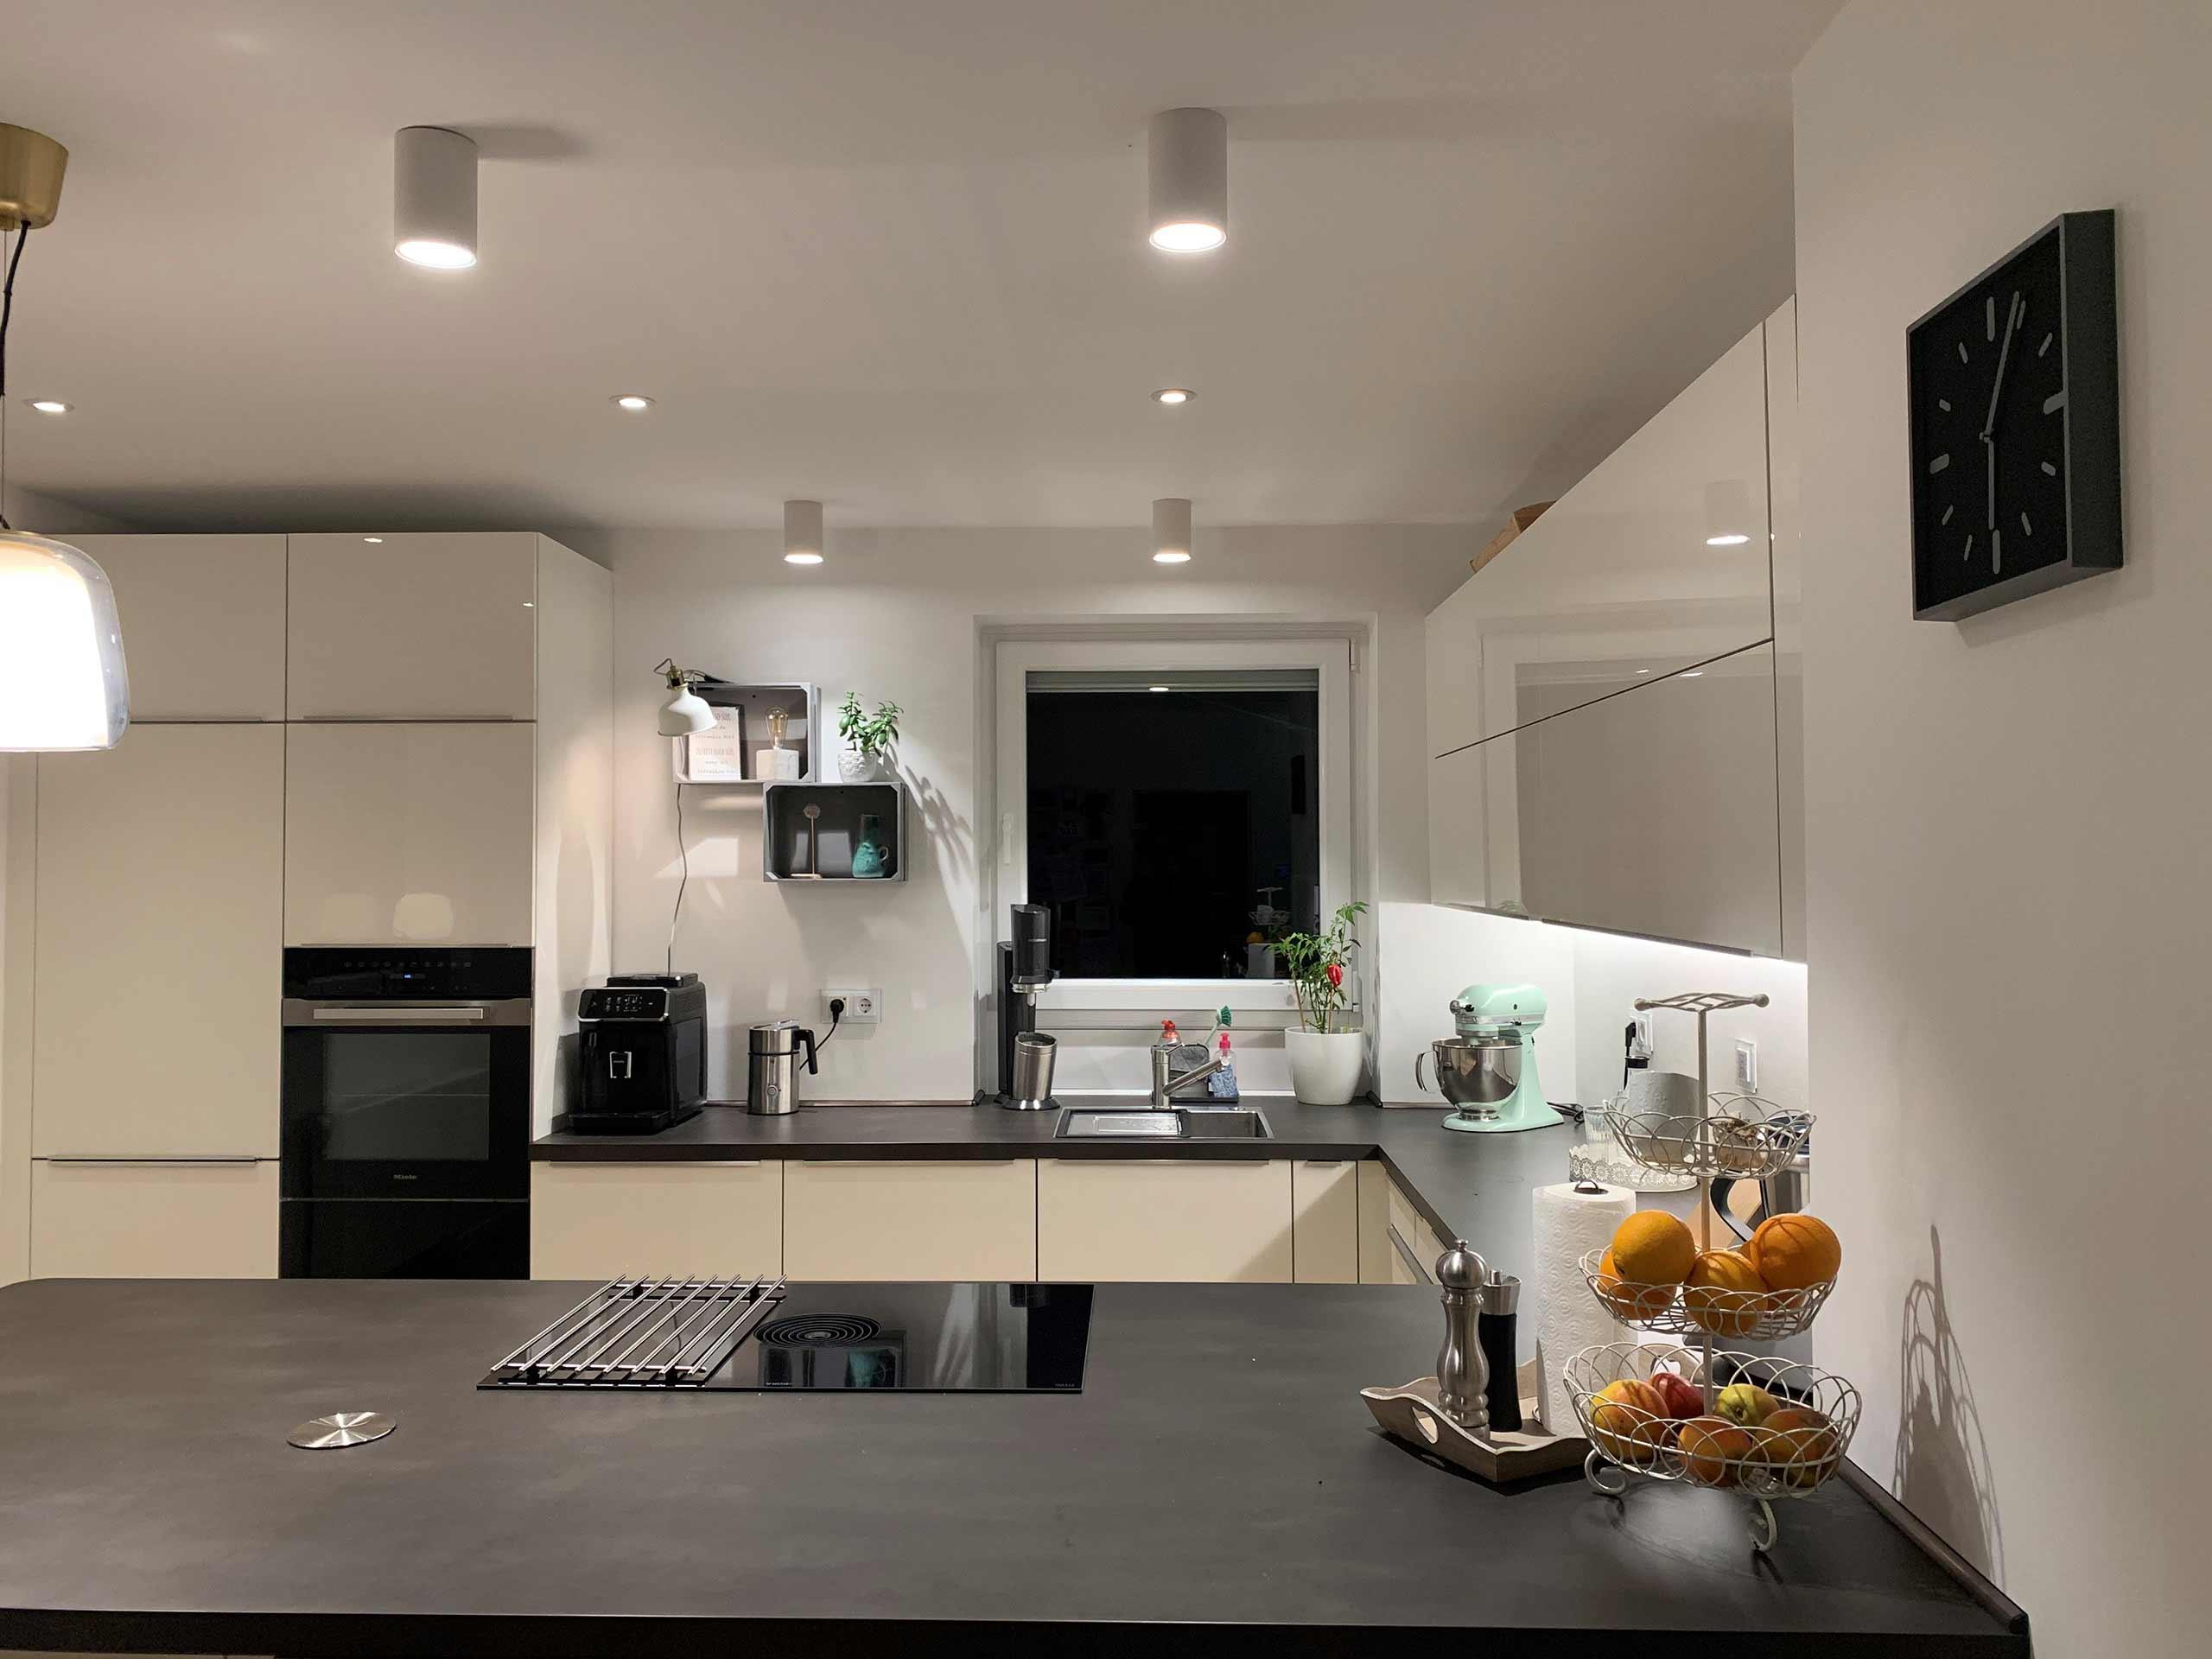 Aufbauleuchten und LED-Spots von Constaled in einer modernen Küche.